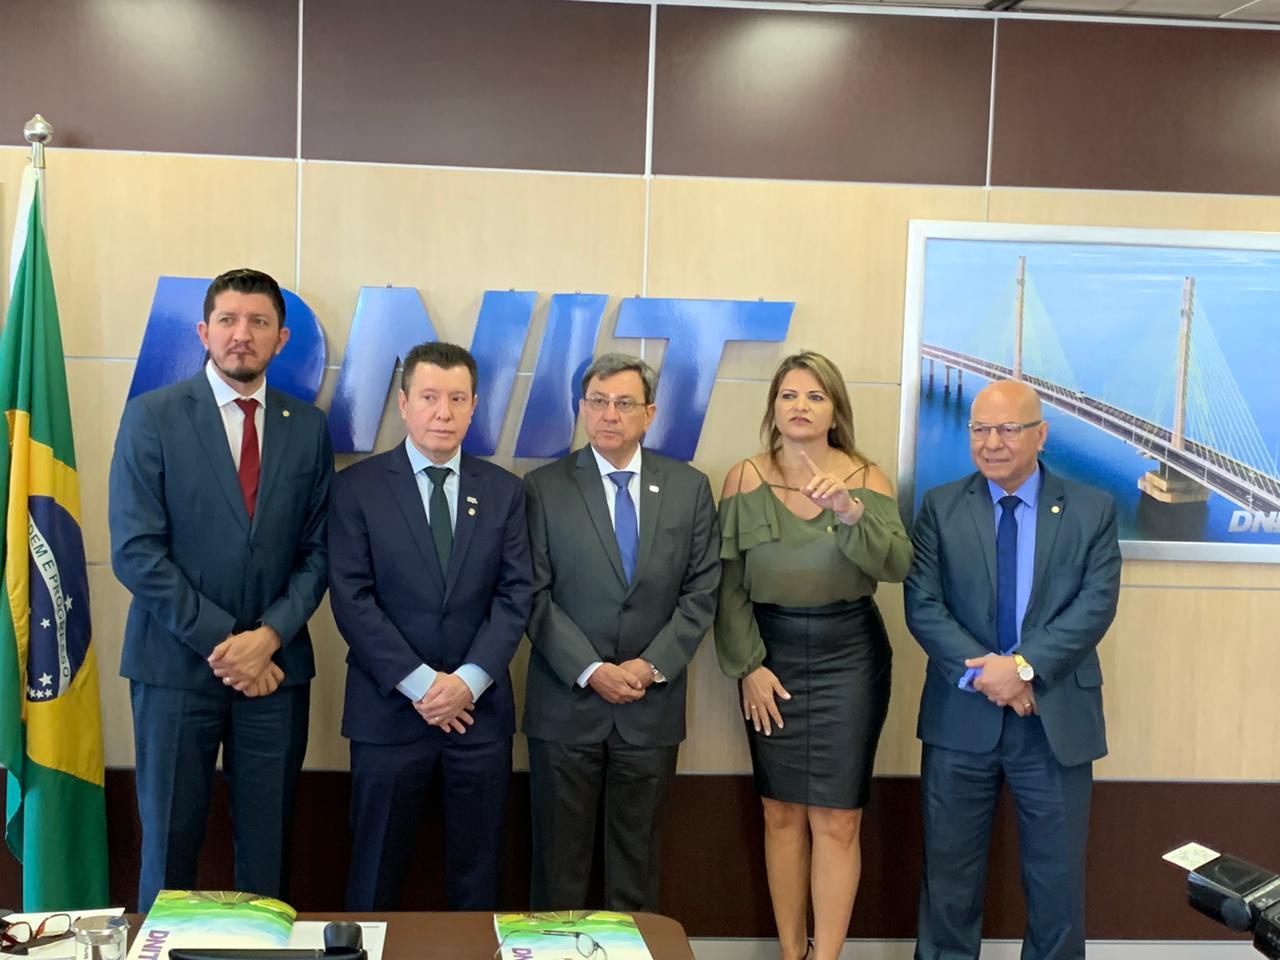 Bancada de Goiás trabalha unida por mais recursos para infraestrutura, diz Professor Alcides